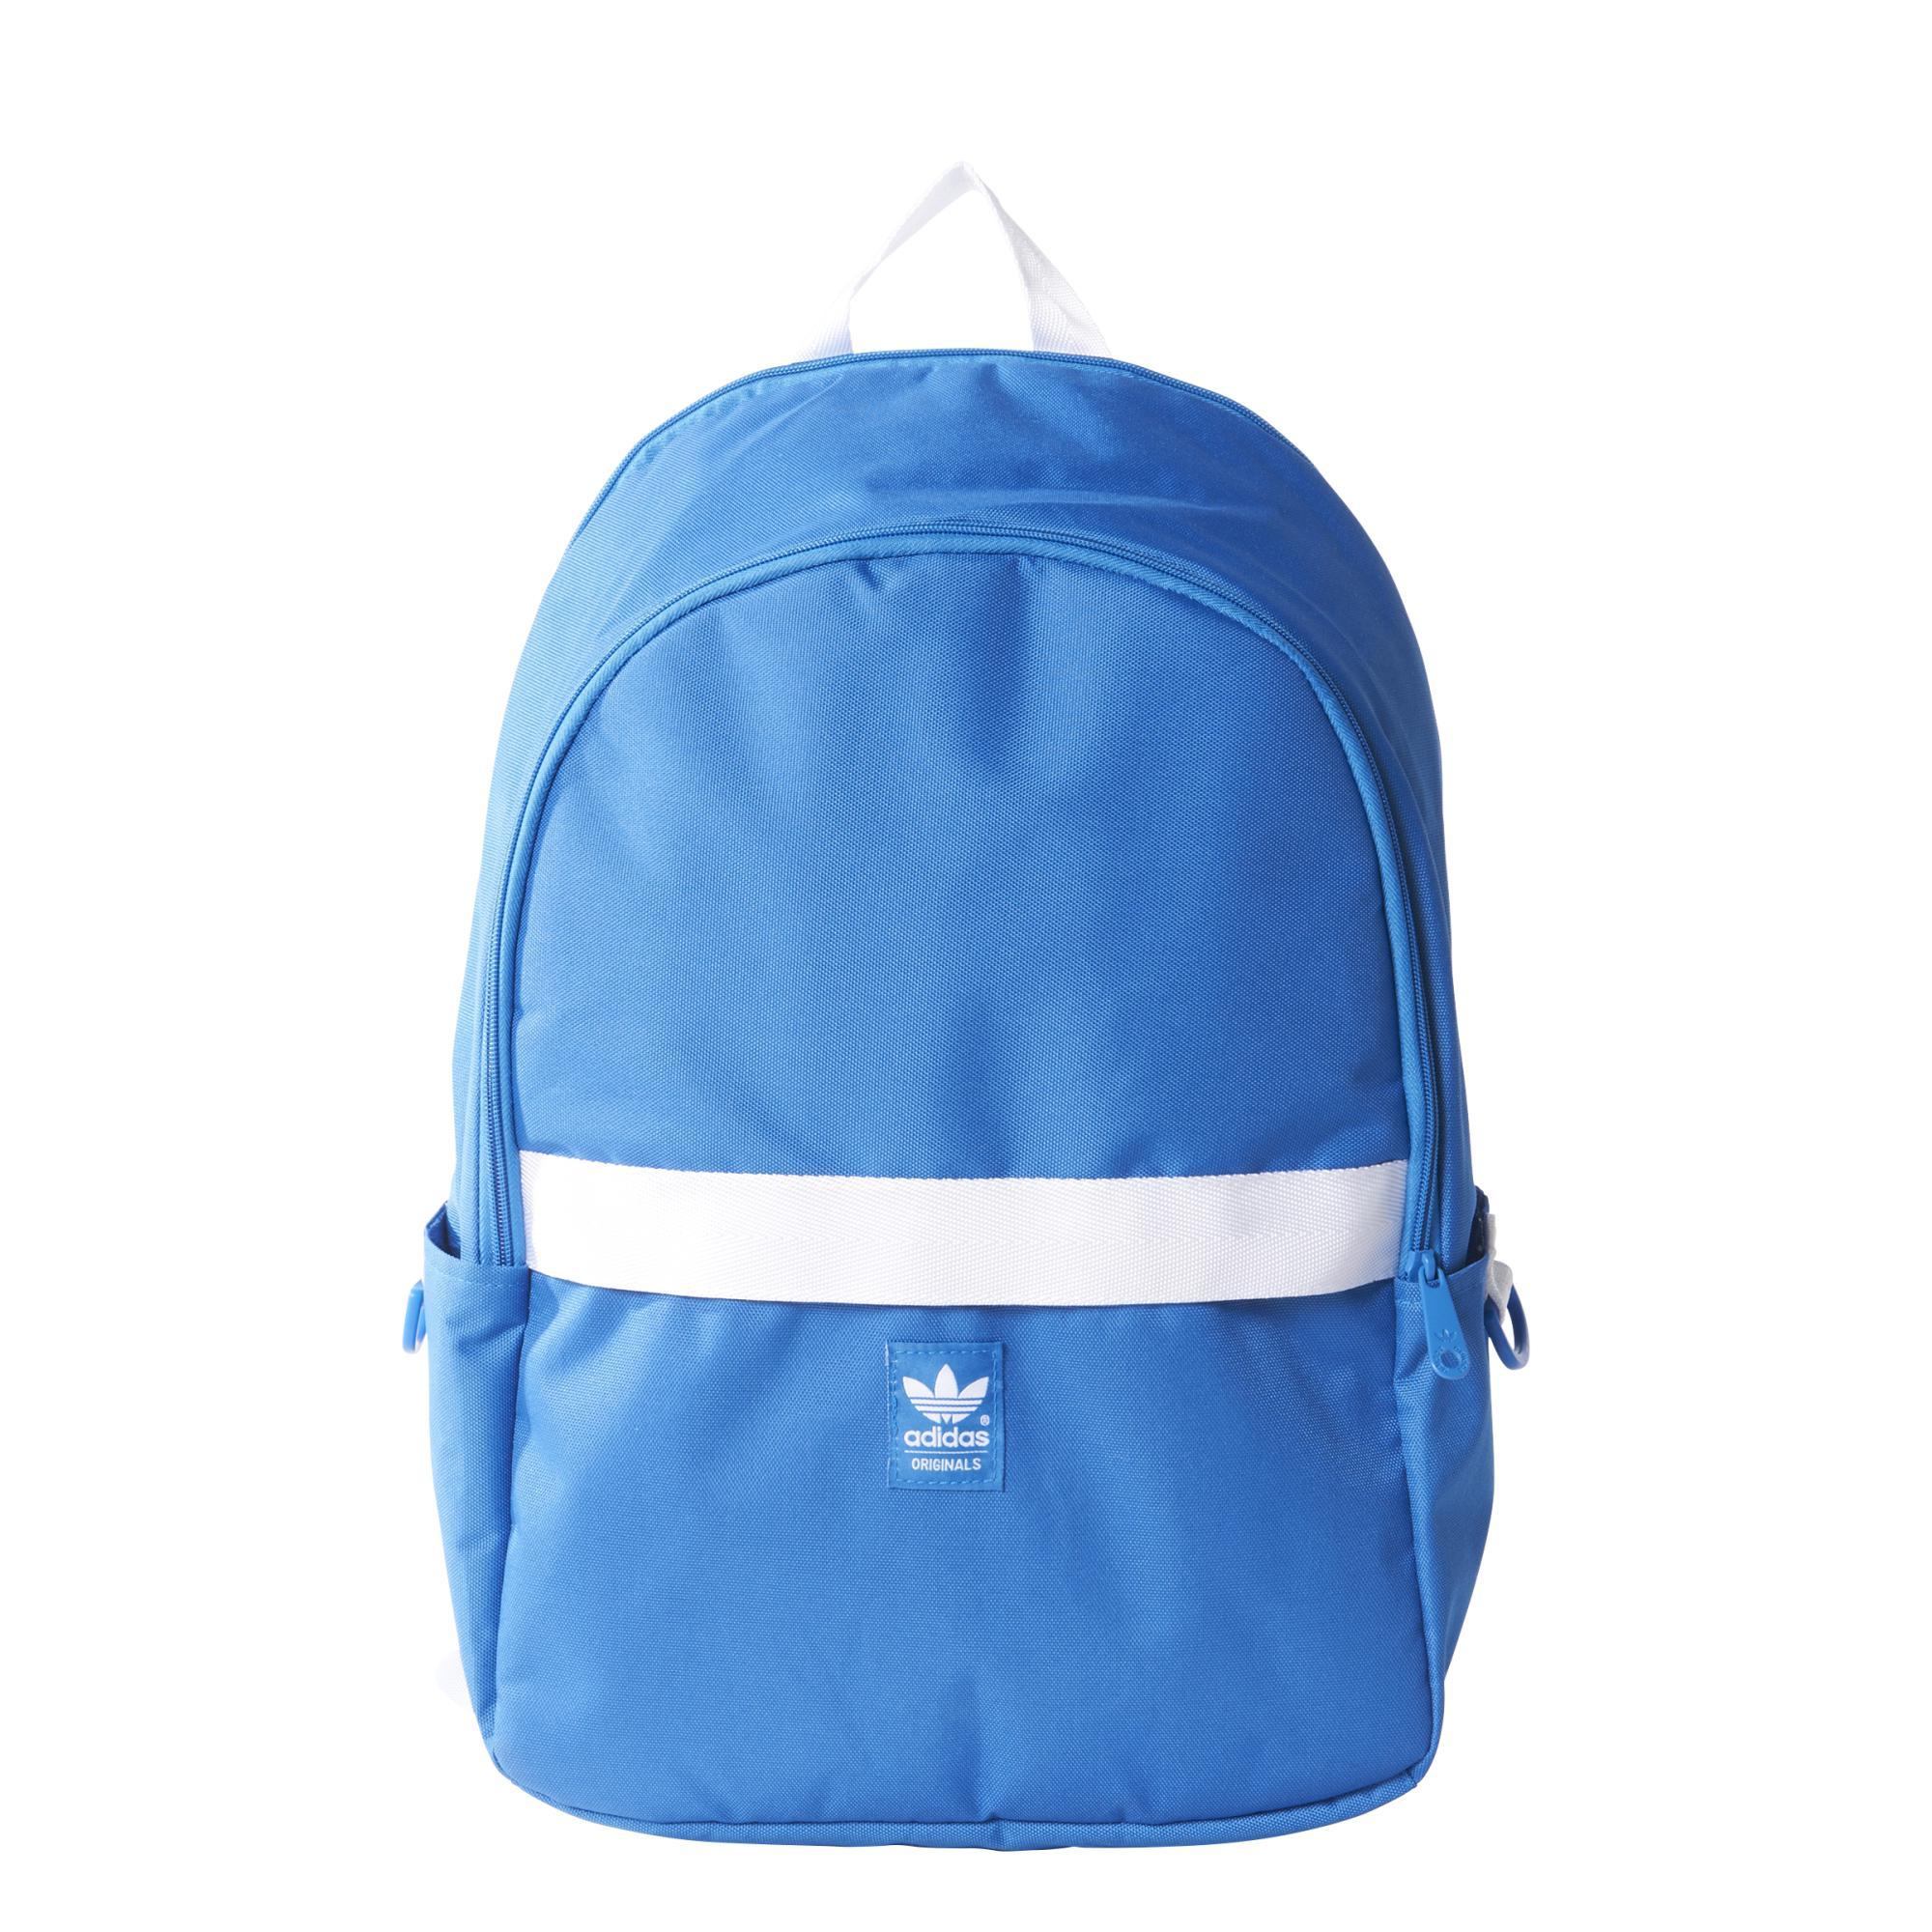 7d36e15bd484 Adidas Backpack Ess Unisex Hátizsák Ab2673 Unisex Taska/hatizsak ...